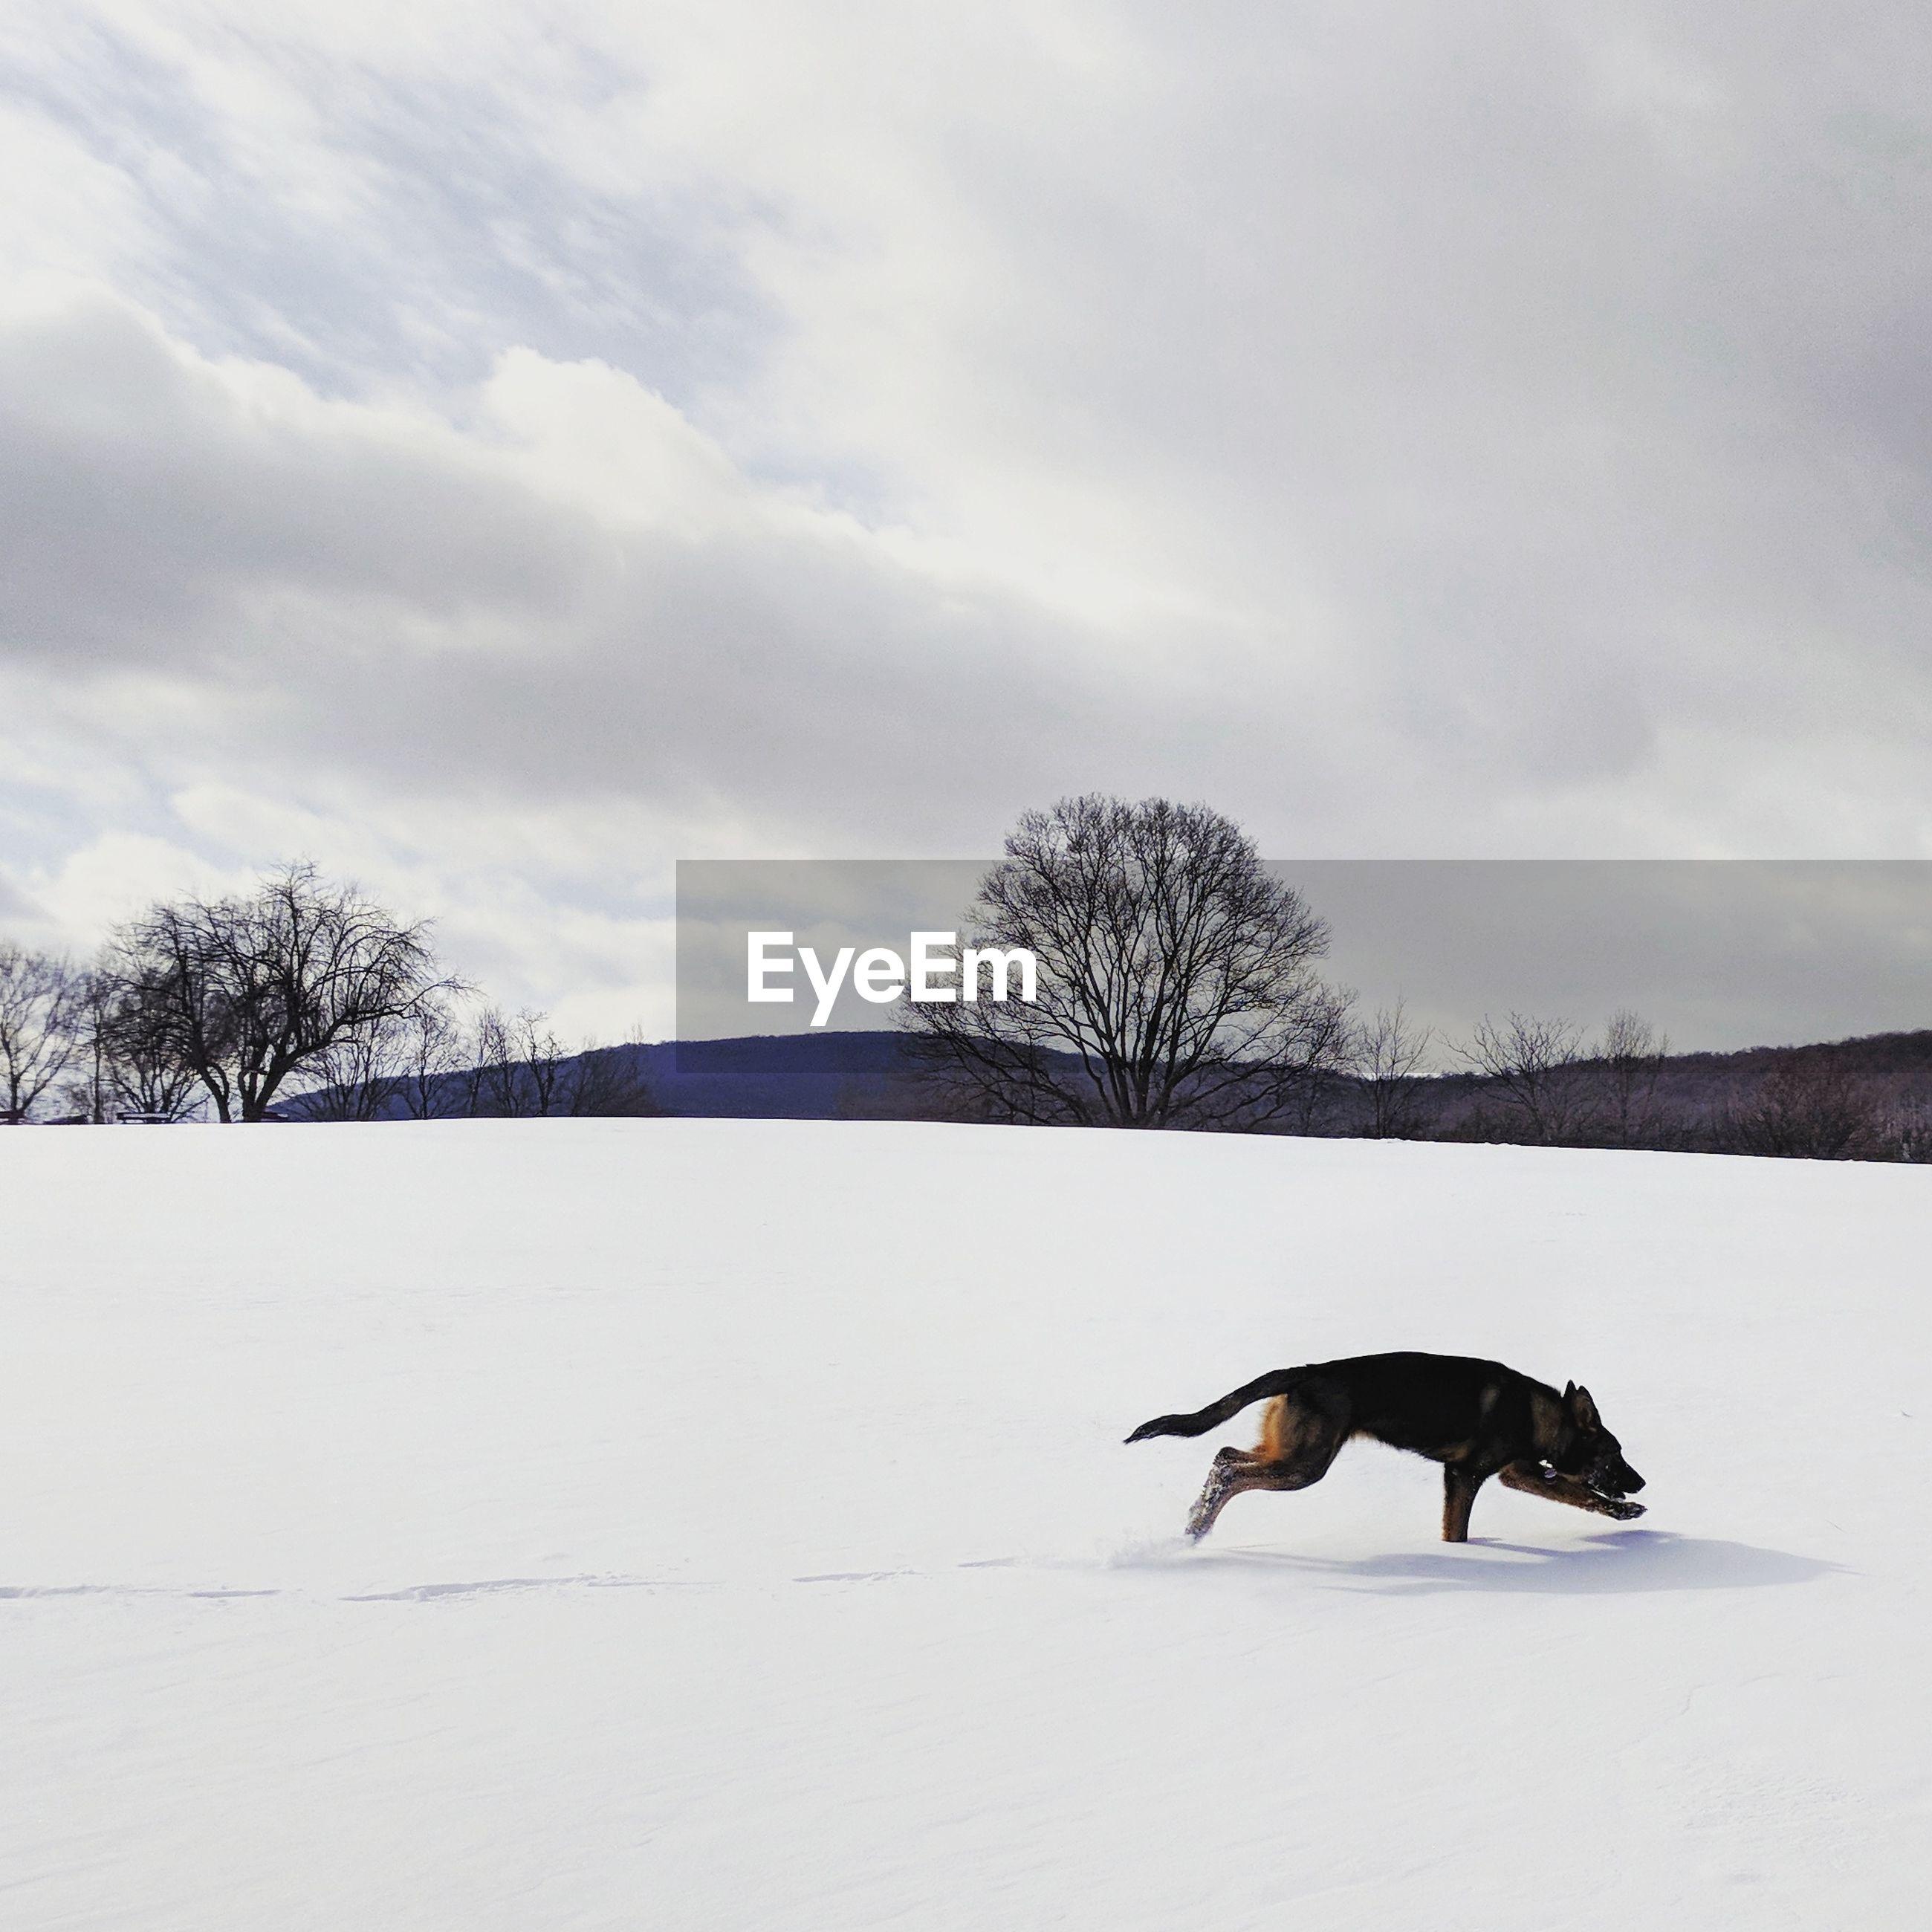 German shepherd runs in snow